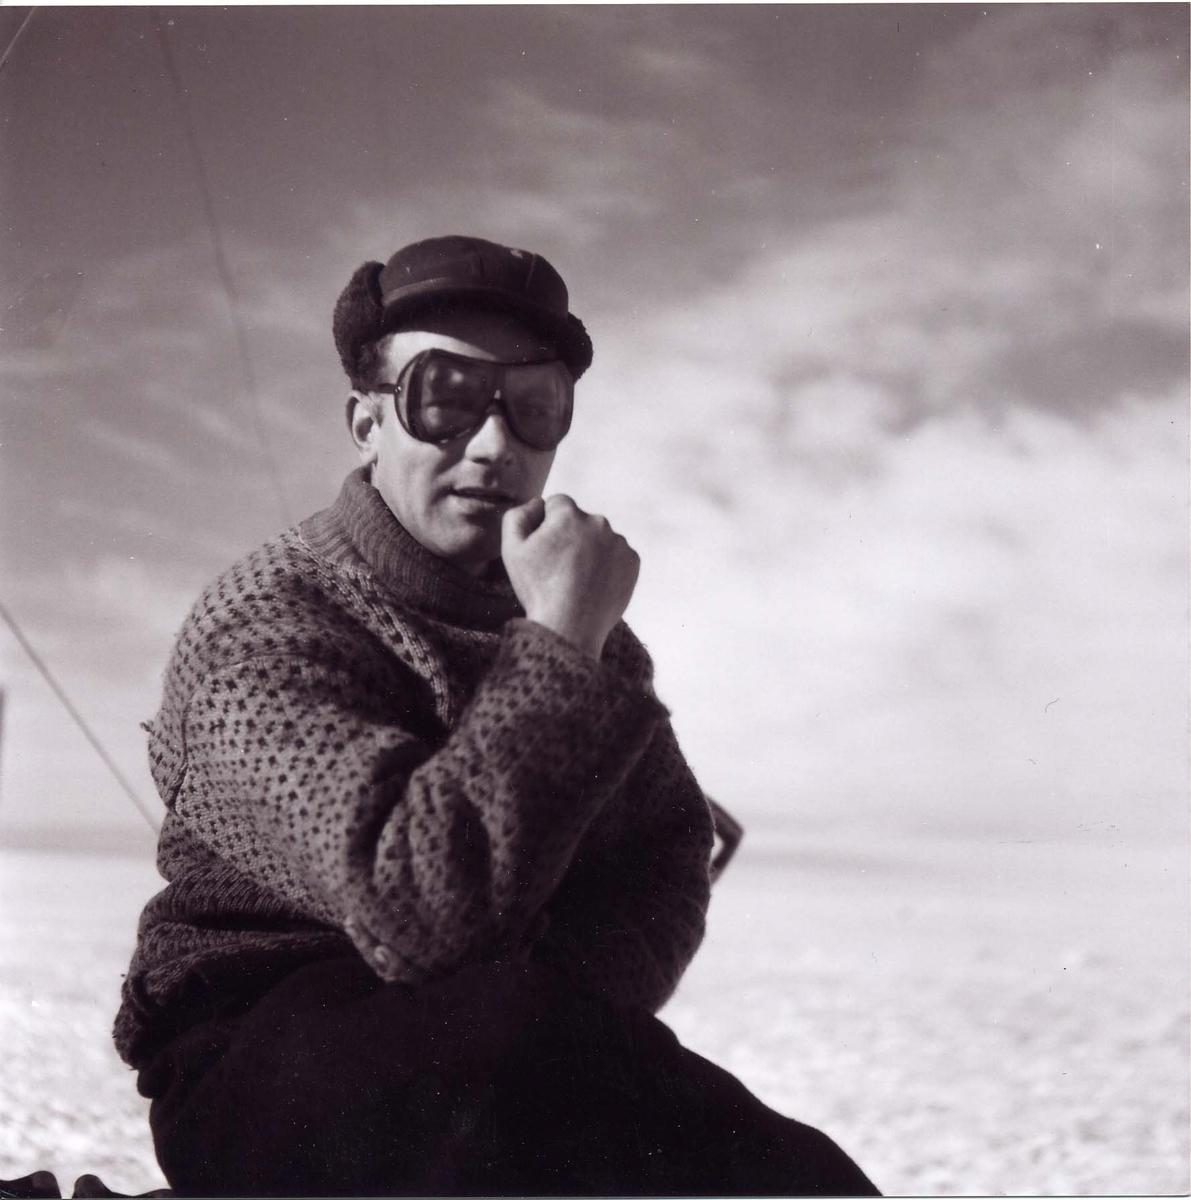 """""""Bertil Ekström, veckan före olyckan med Vesslan den 24 februari 1951. Expeditionens mekaniker."""" Bertil Ekström omkom vid olyckan."""